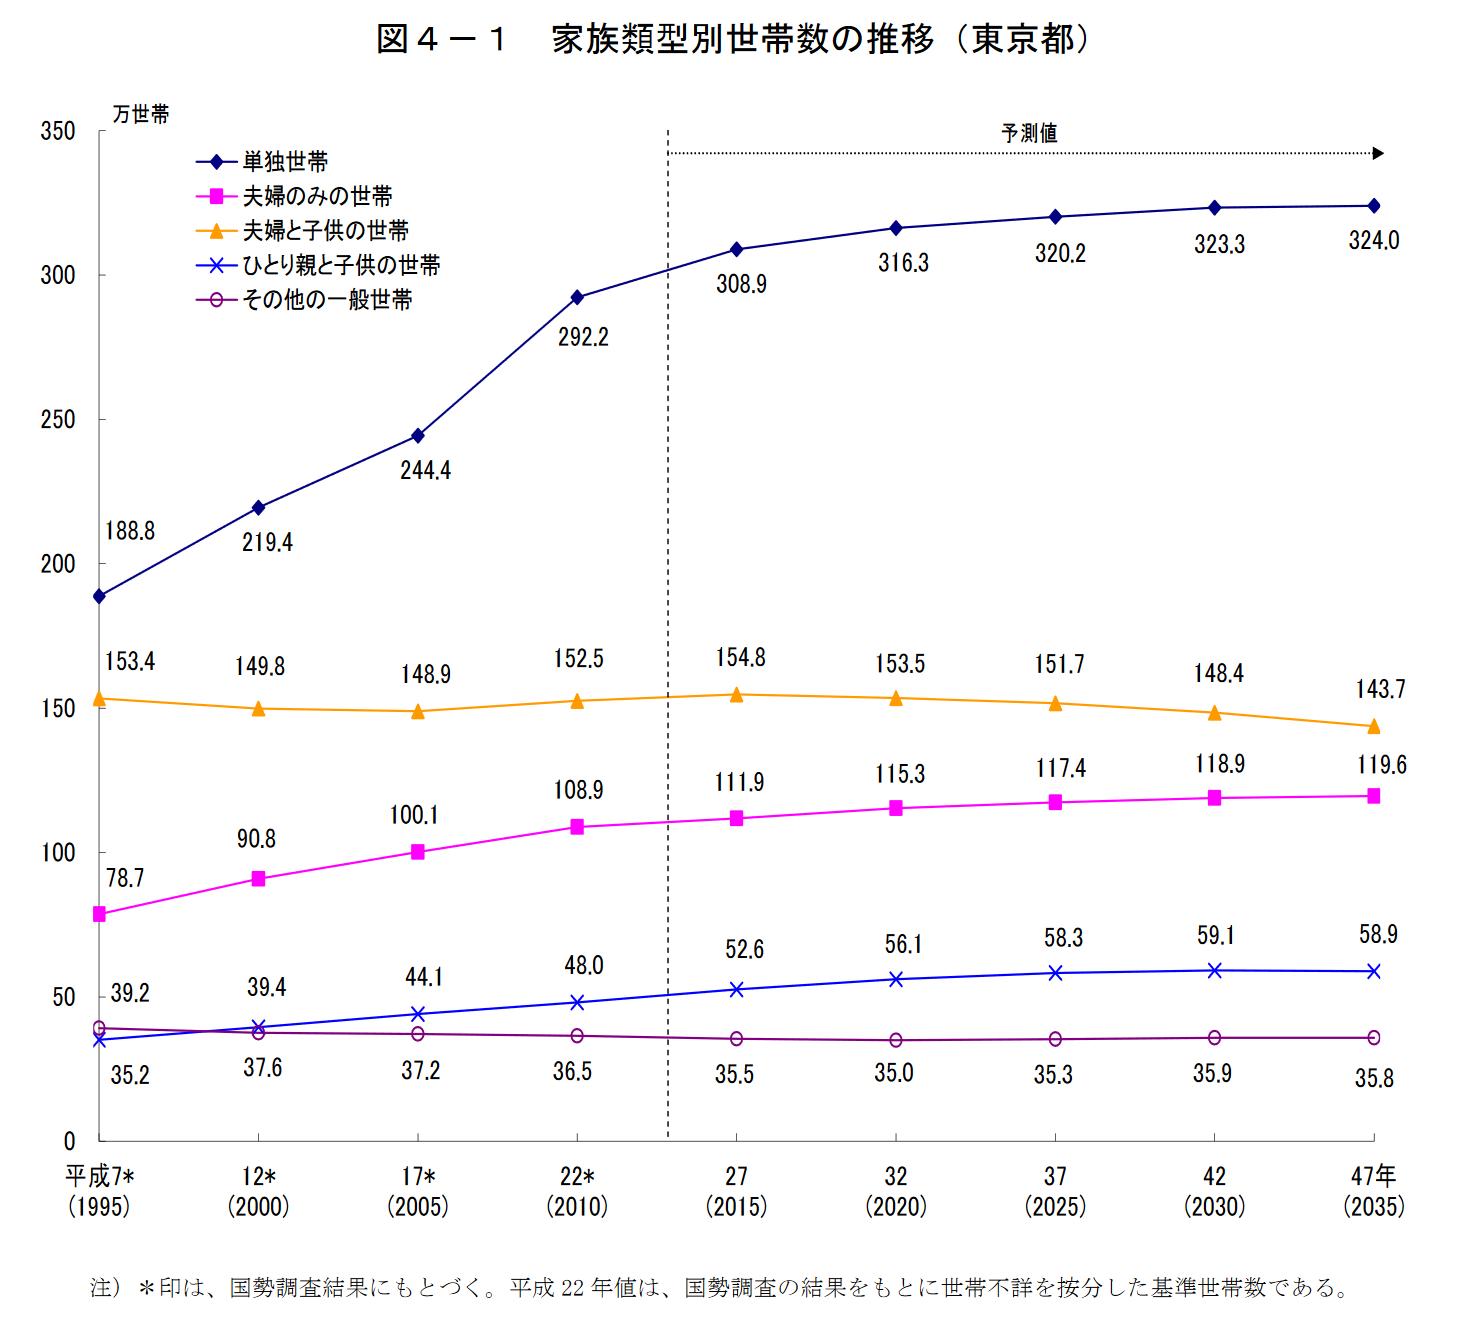 東京都世帯数の予測